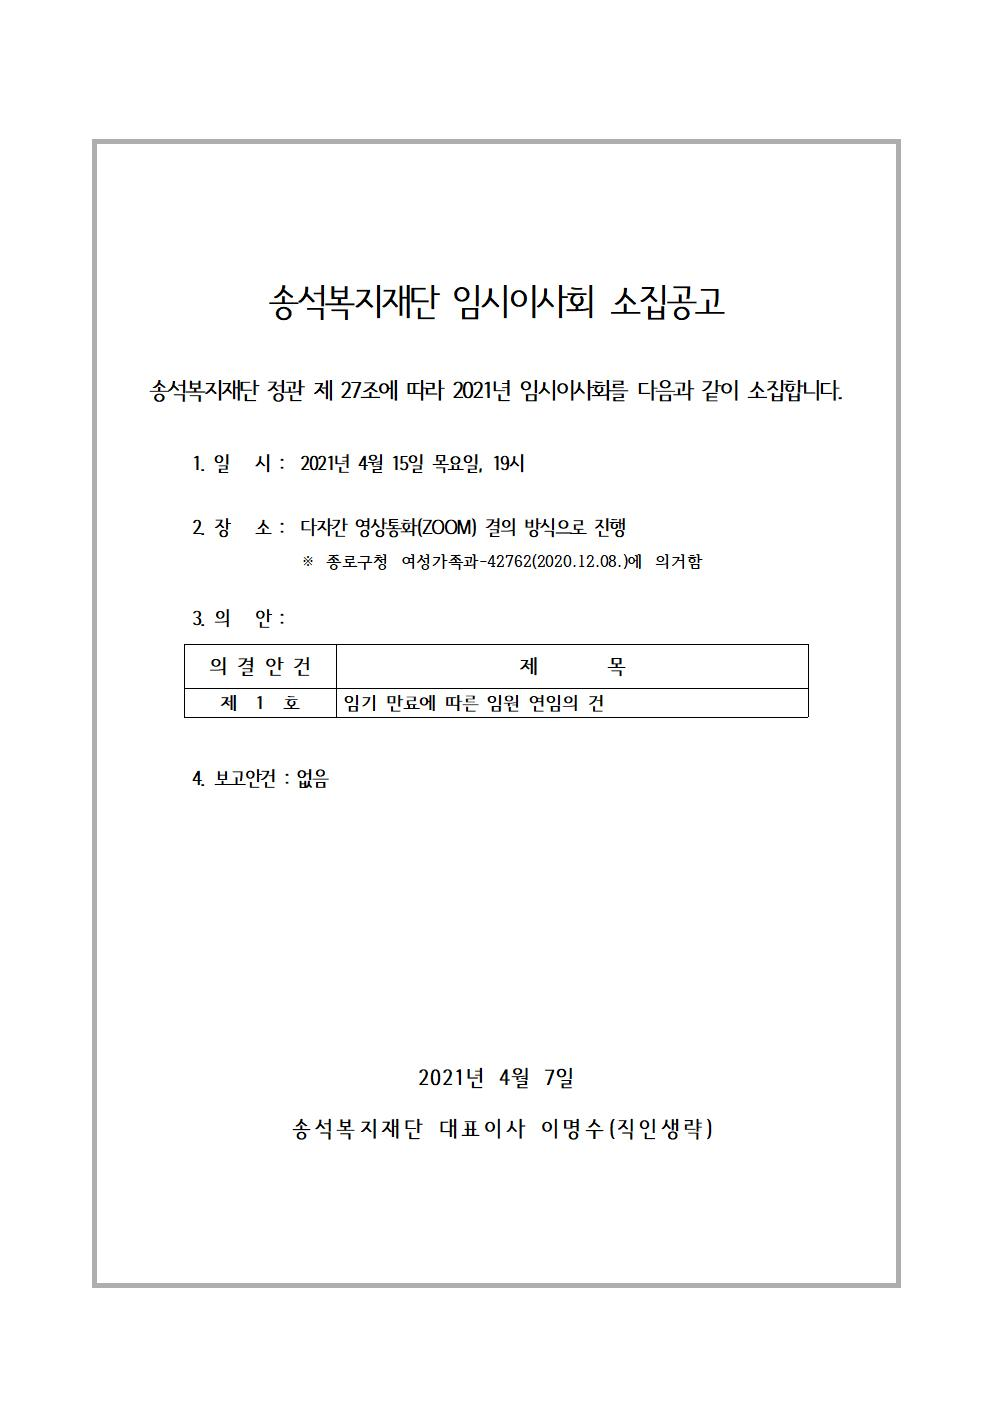 20210415_임시이사회소집공고.jpg